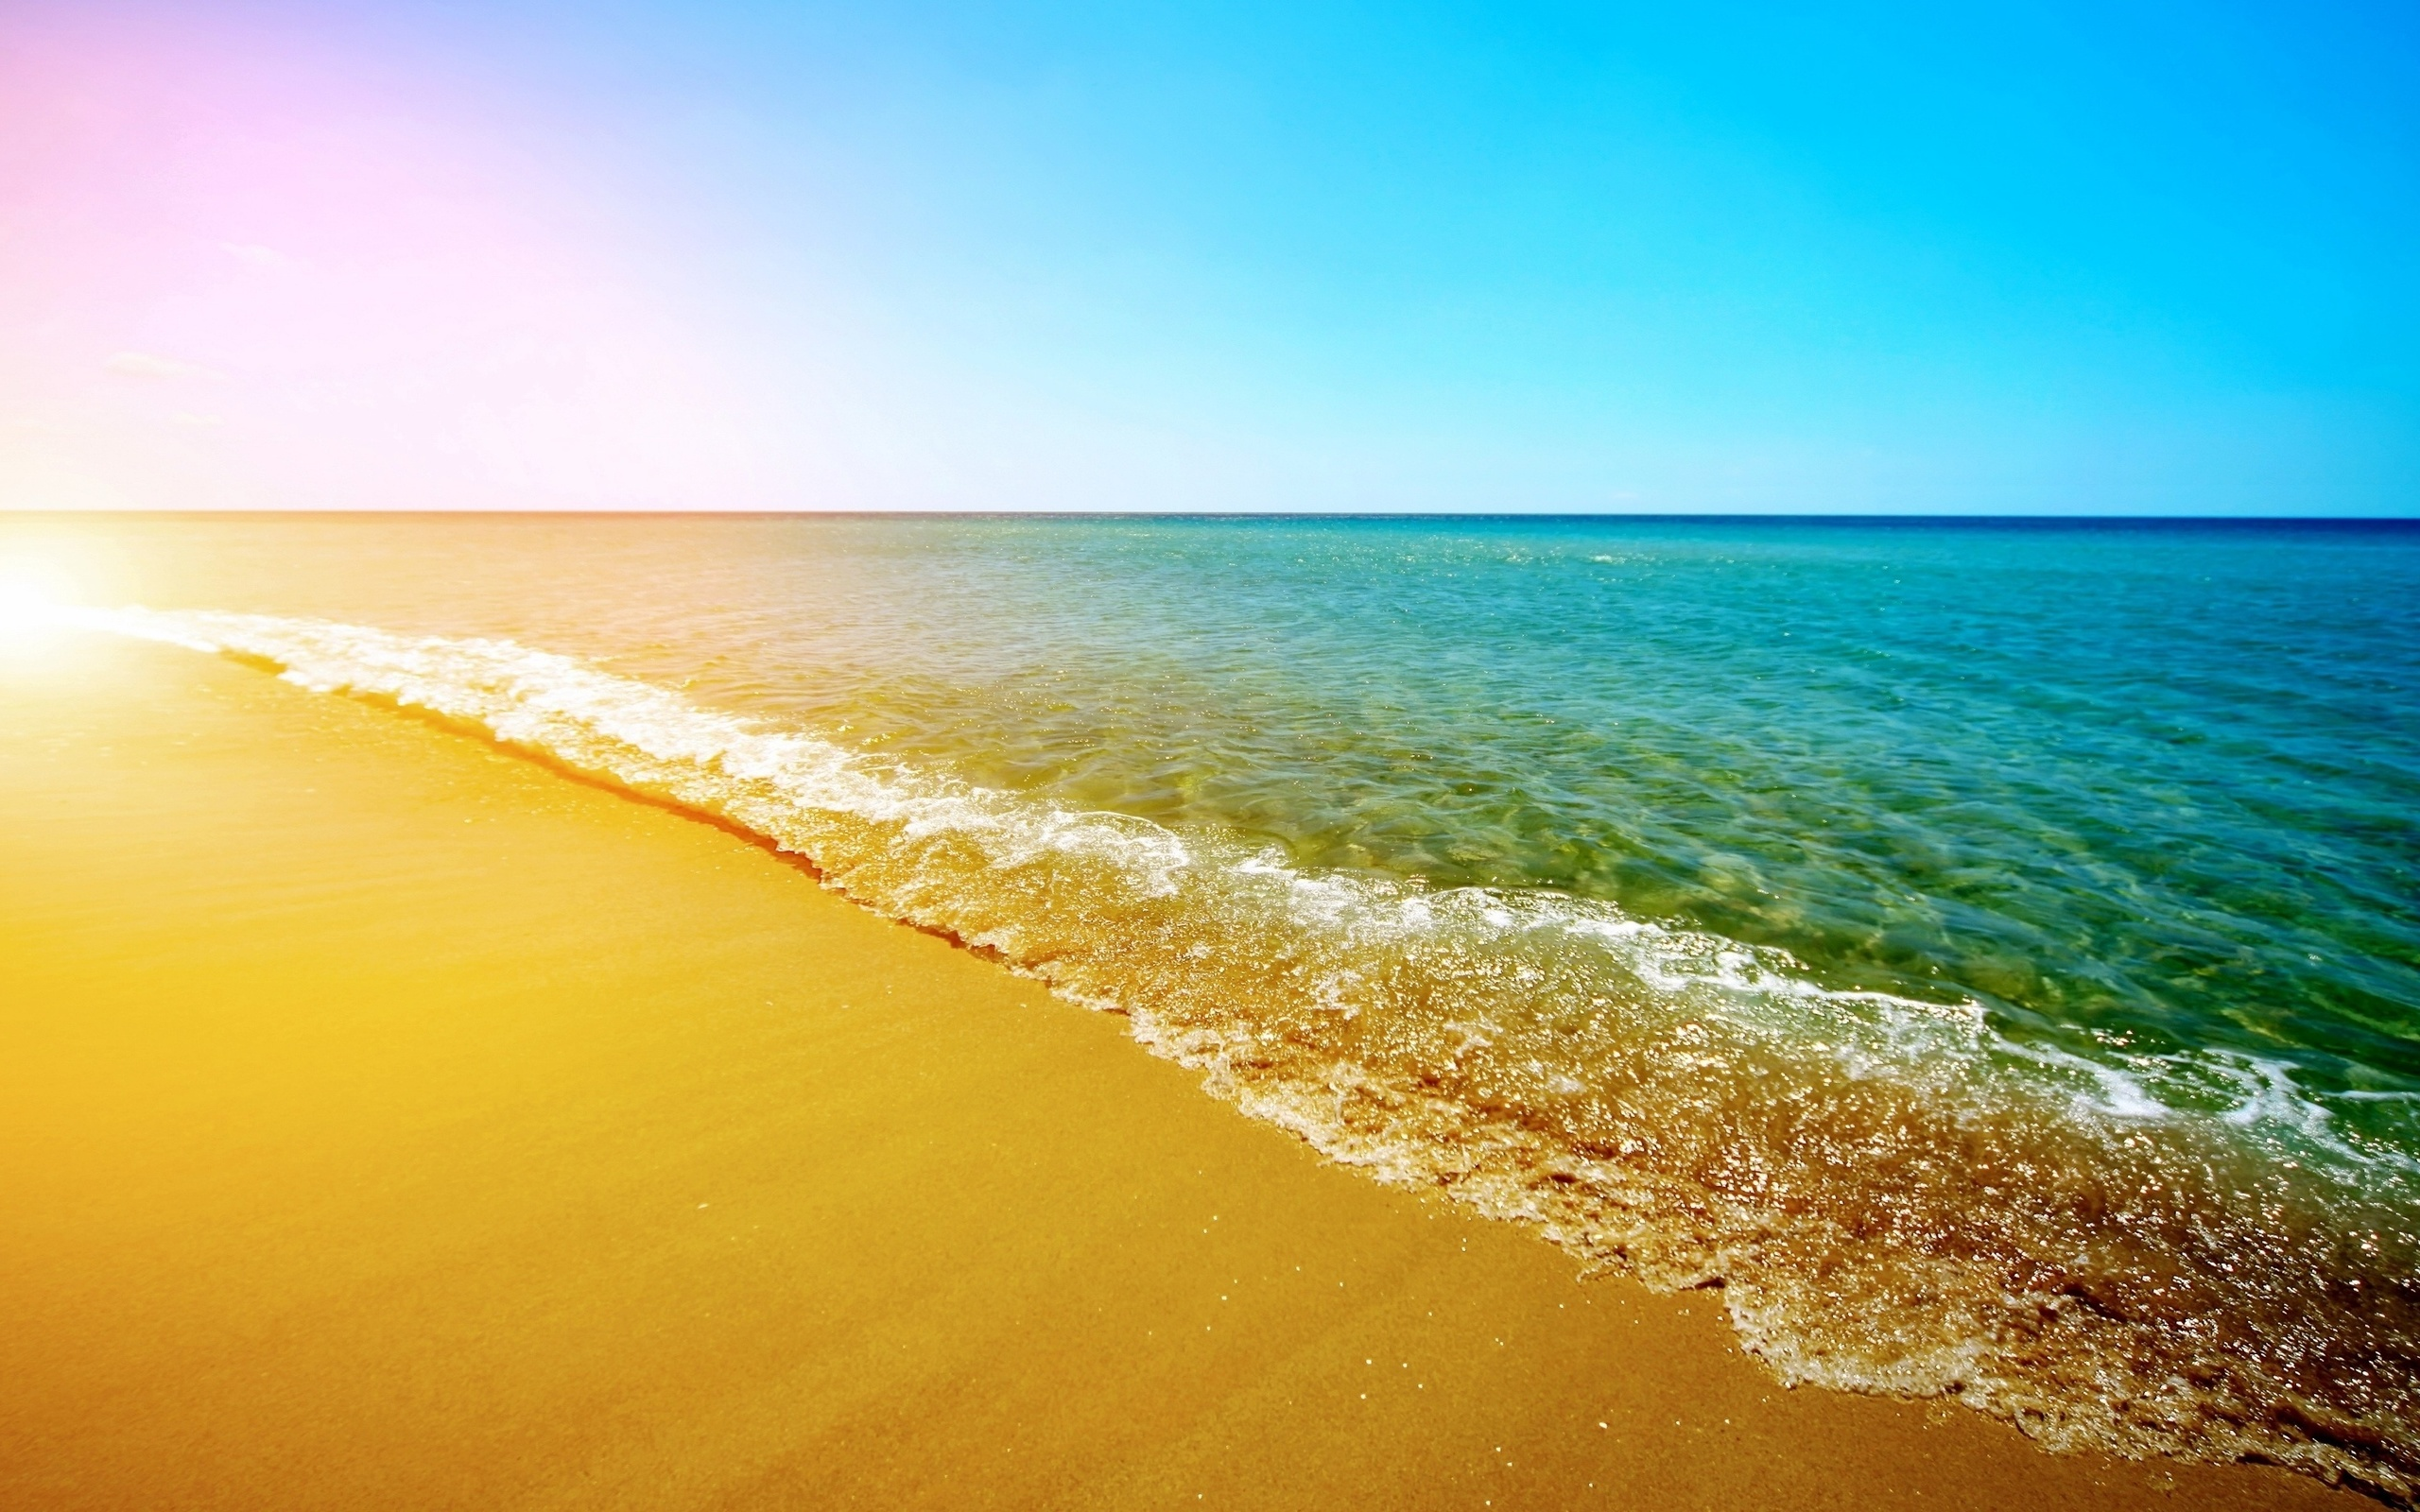 народы картинка море солнечный день грудь